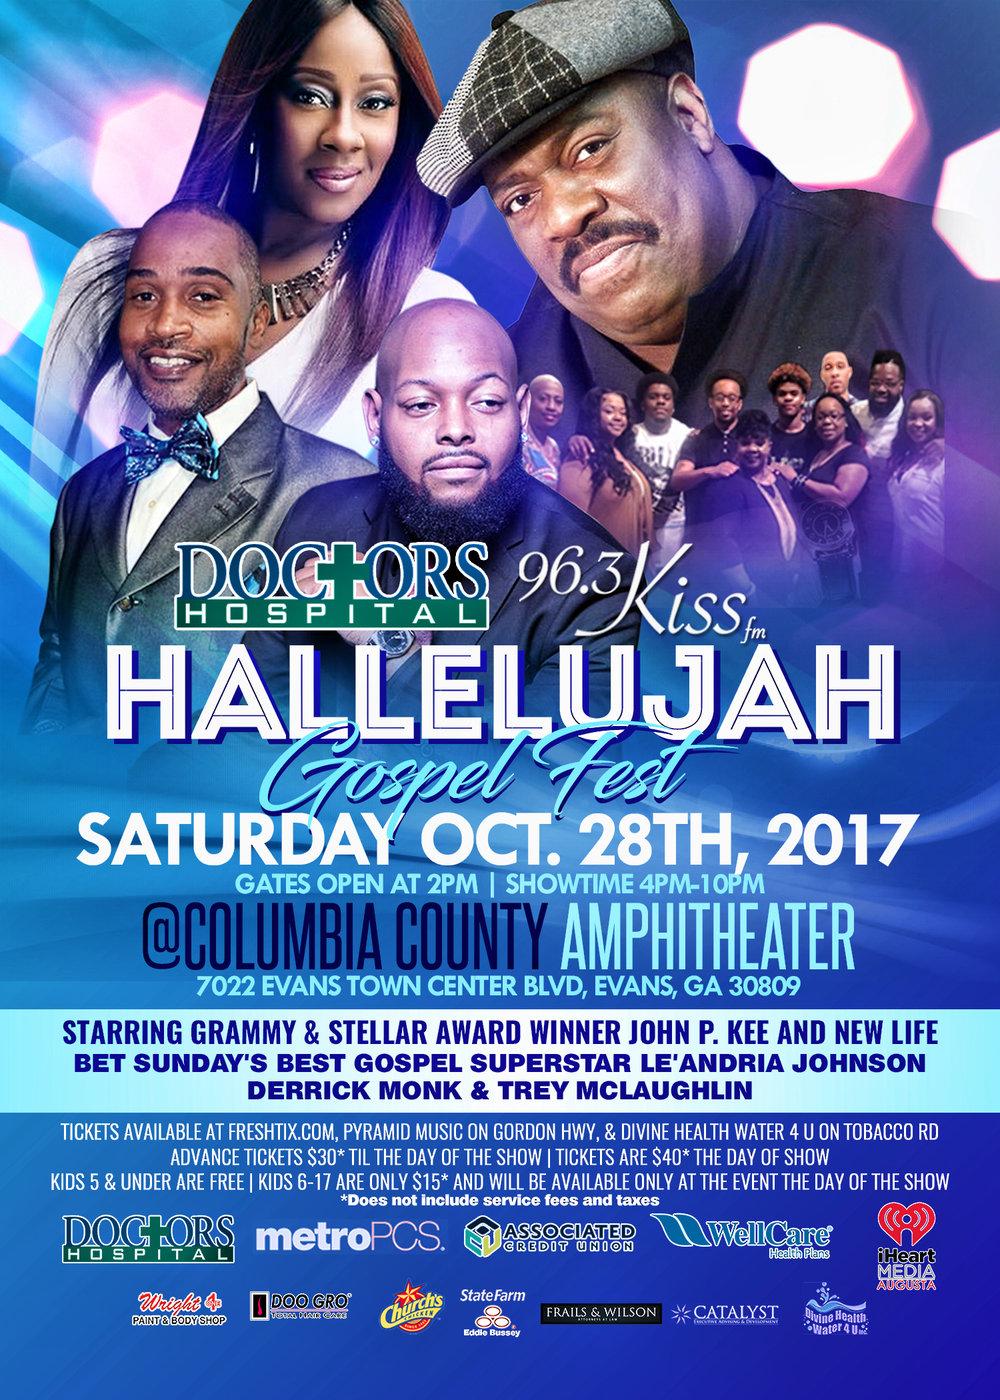 hallelujah gospel fest flyer